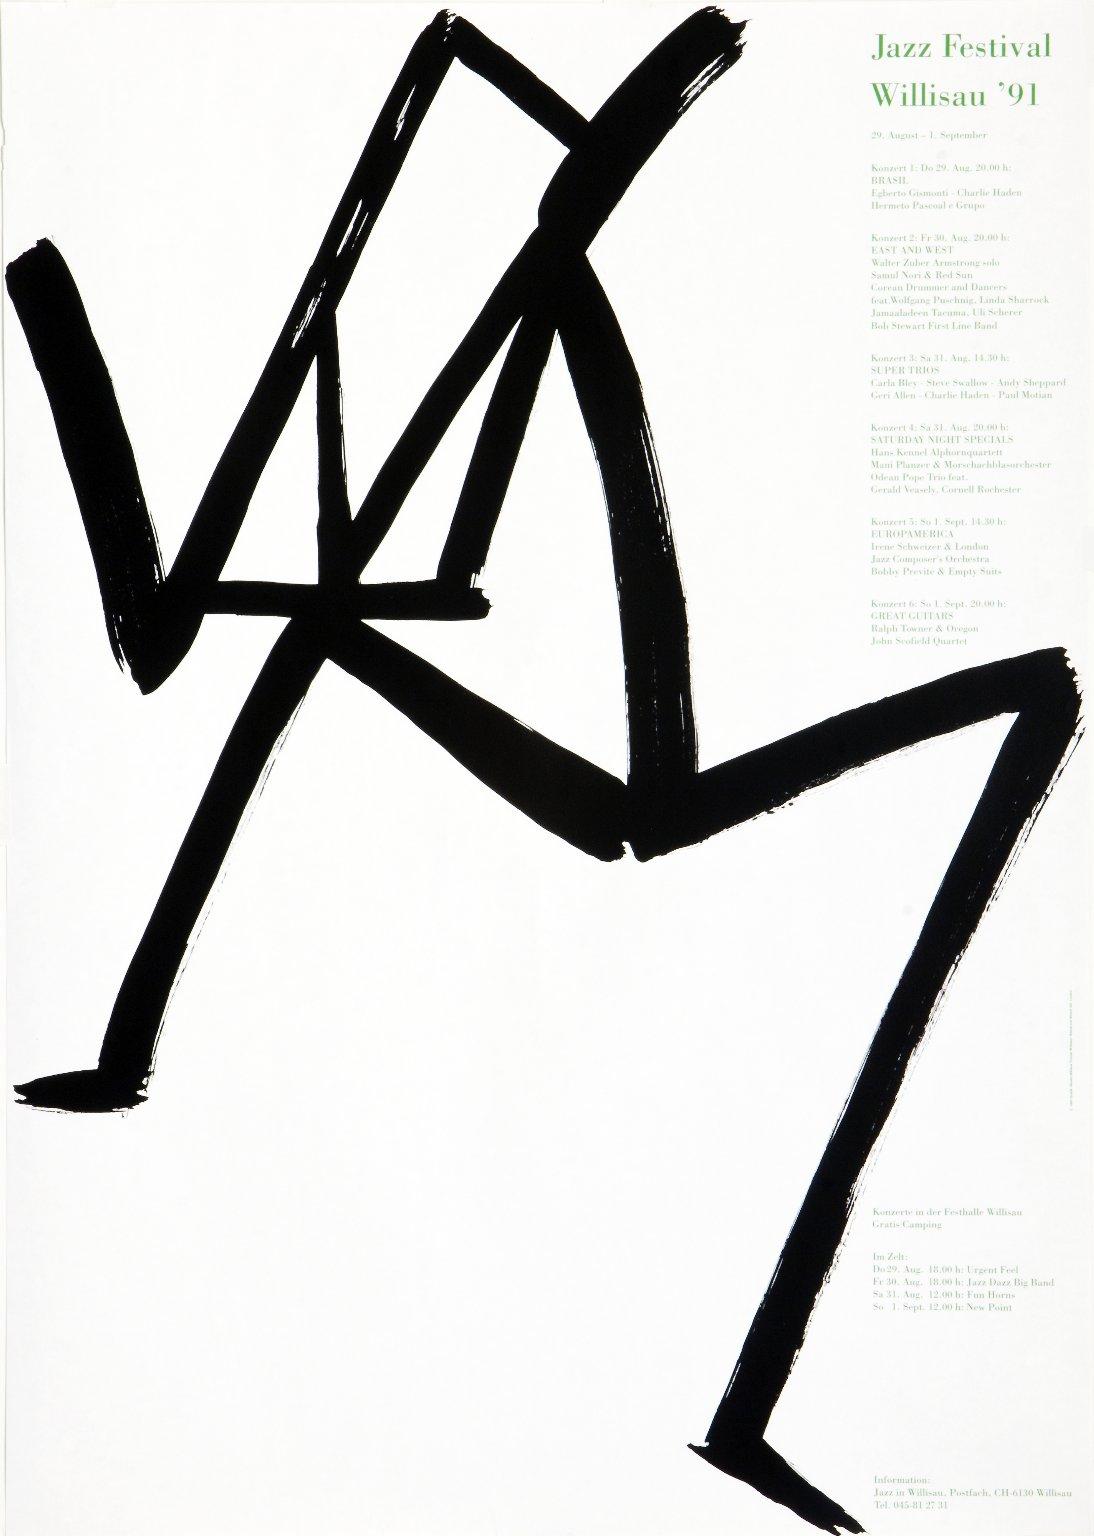 jazz_festival_poster